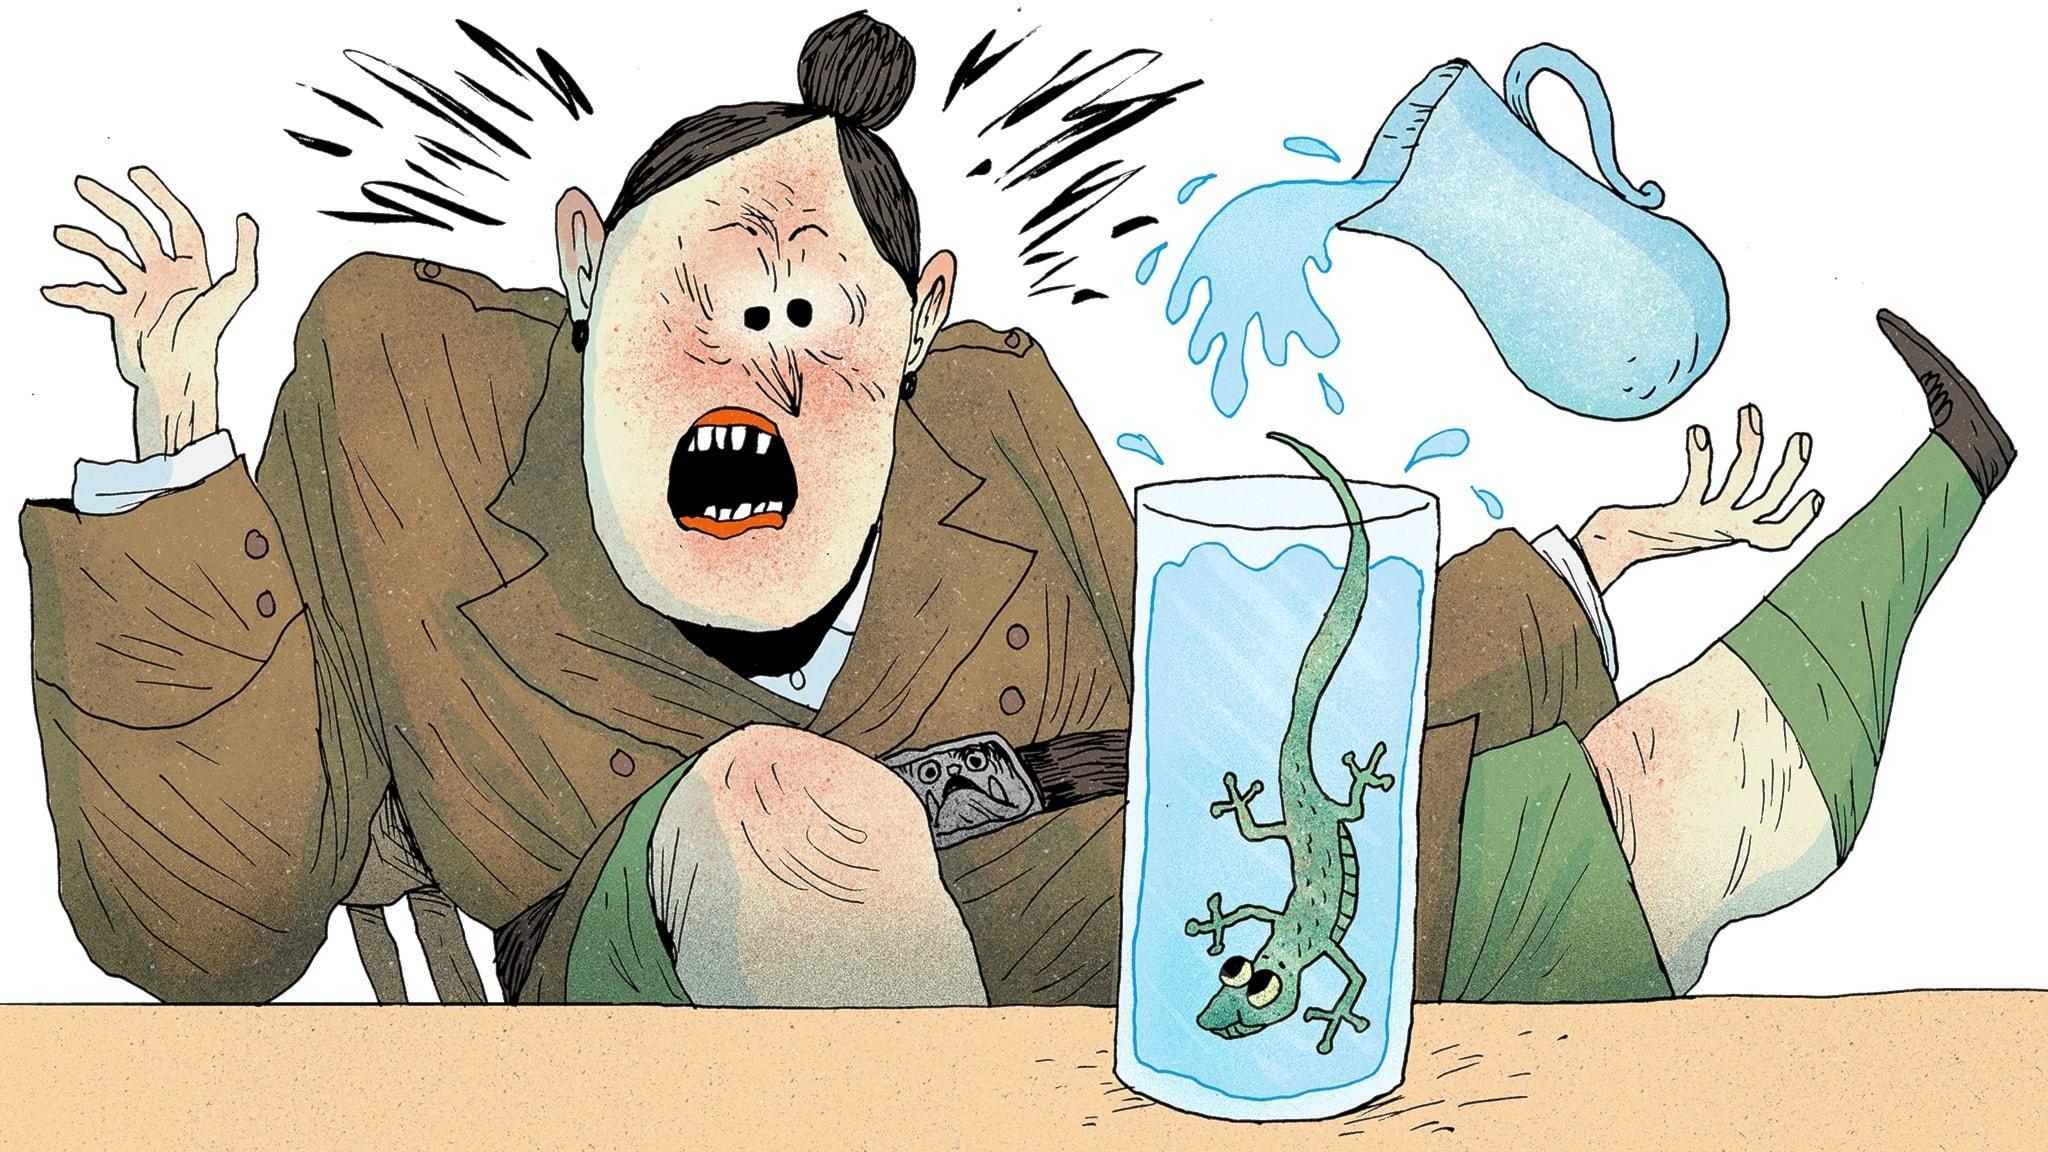 Fröken Domderasson häller upp vatten i ett glas och blir rädd för vattenödlan som hamnar i glaset. Bild: Erik Svetoft